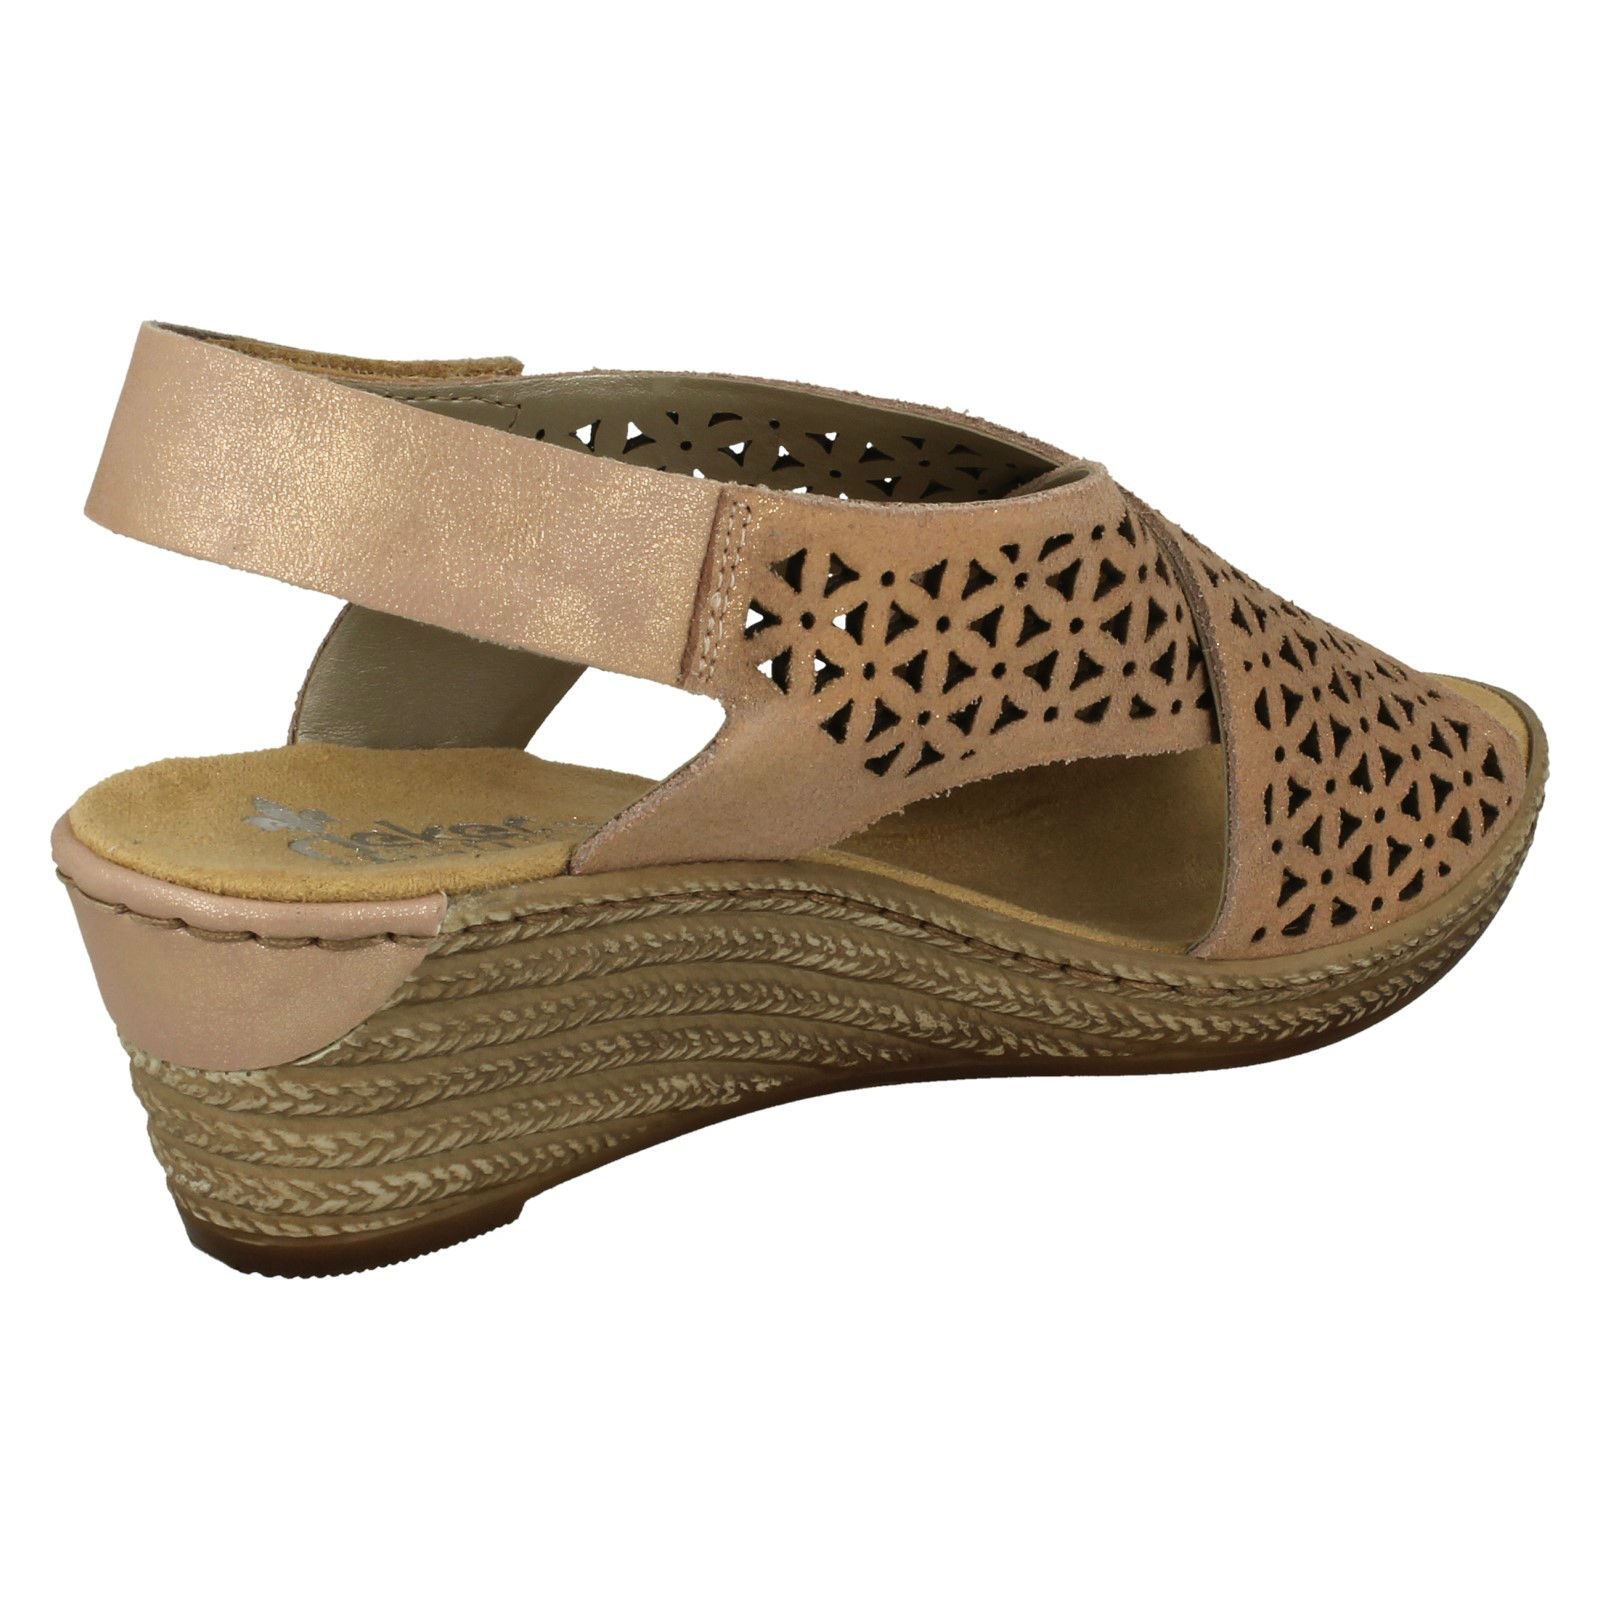 mesdames rieker coincée au pied sandale sandales sandales sandales  62484 | Sale Online  1eac47